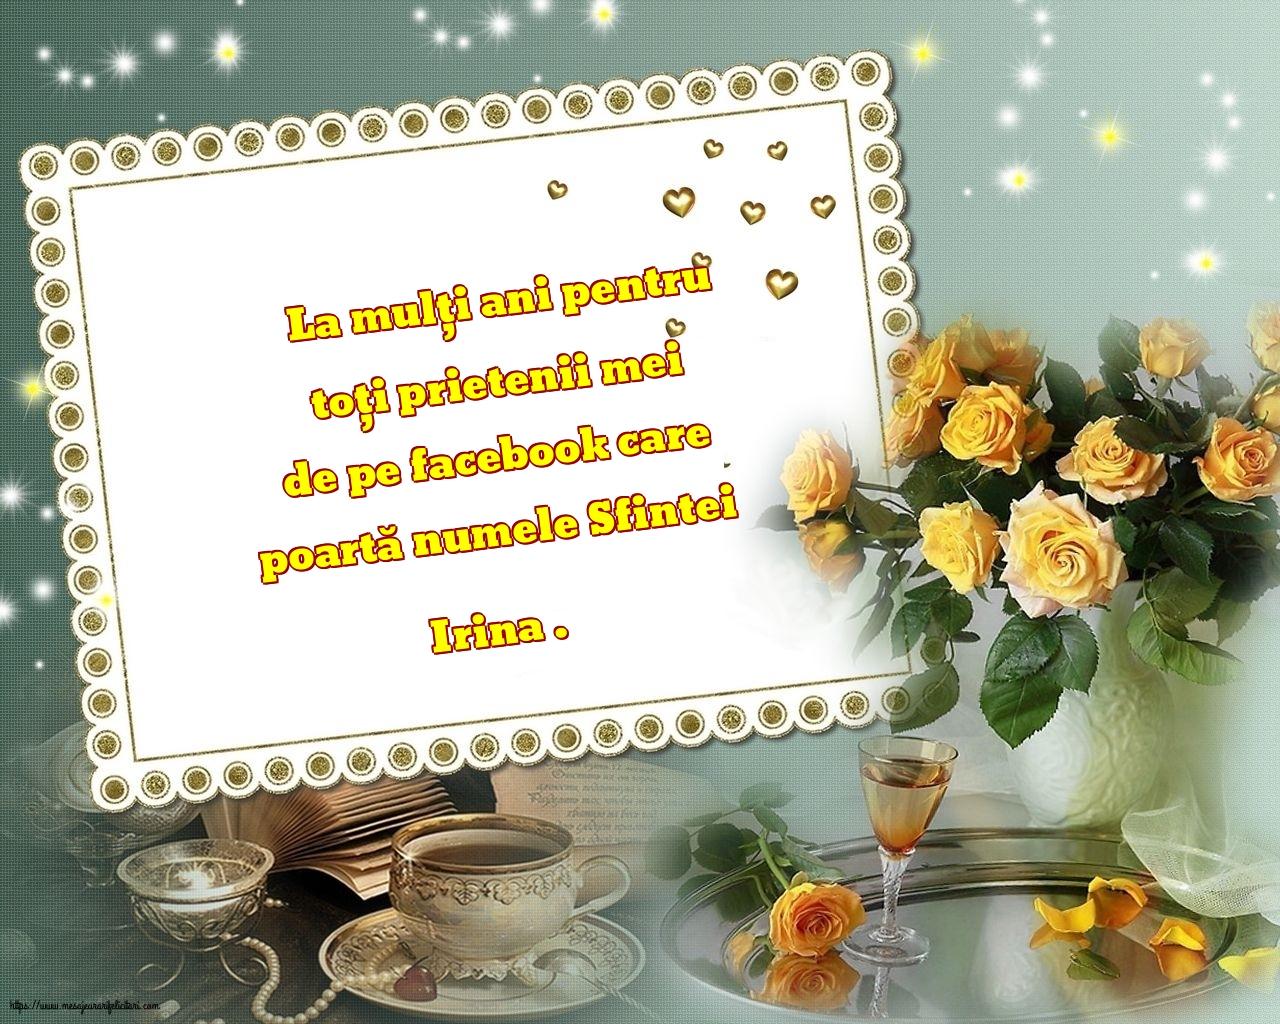 Felicitari de Sfanta Irina - La mulți ani pentru toți prietenii mei de pe facebook